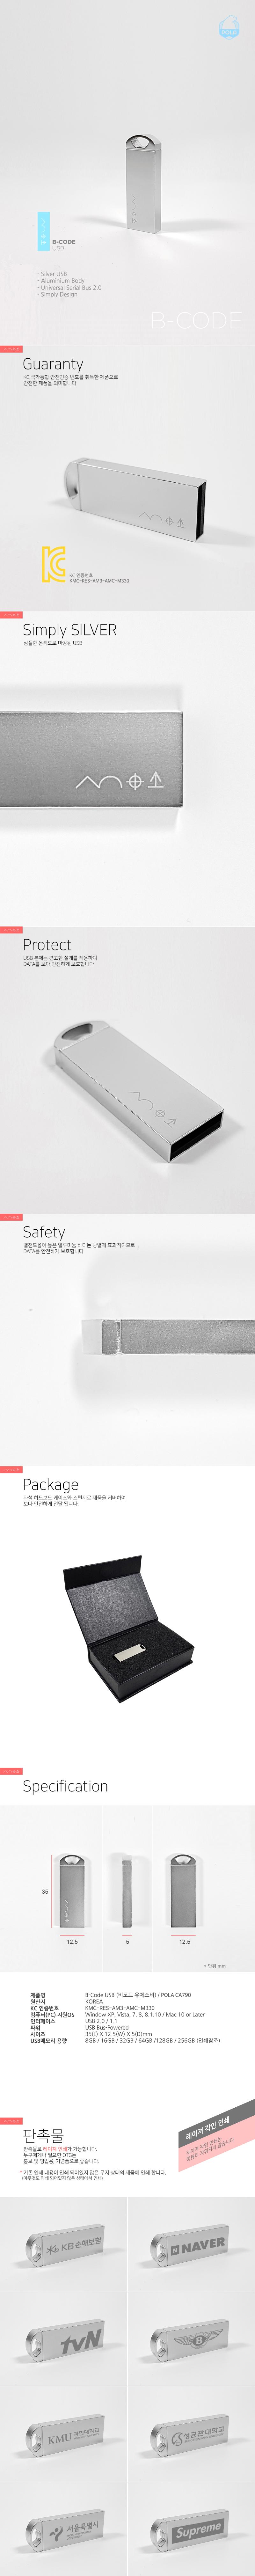 폴라(POLA) CA790 USB B-CODE 32G - 매머드, 6,800원, 일반형 USB 메모리, USB 32G이상